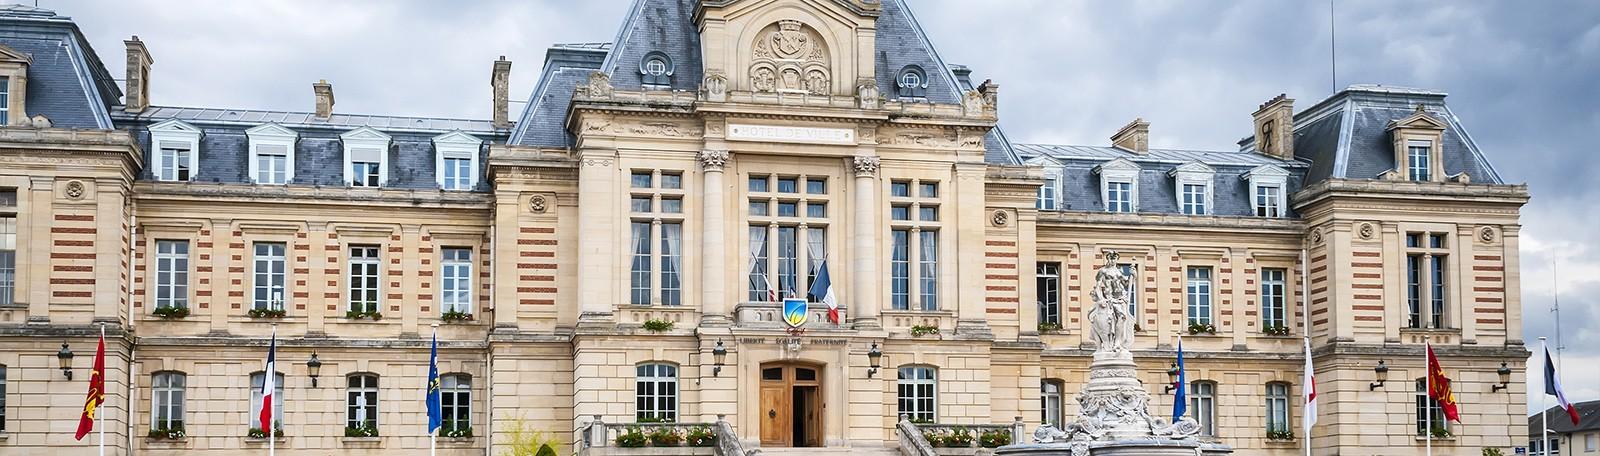 Q-Park Hôtel de Ville - 7 Place du Général de Gaulle 27000 Evreux